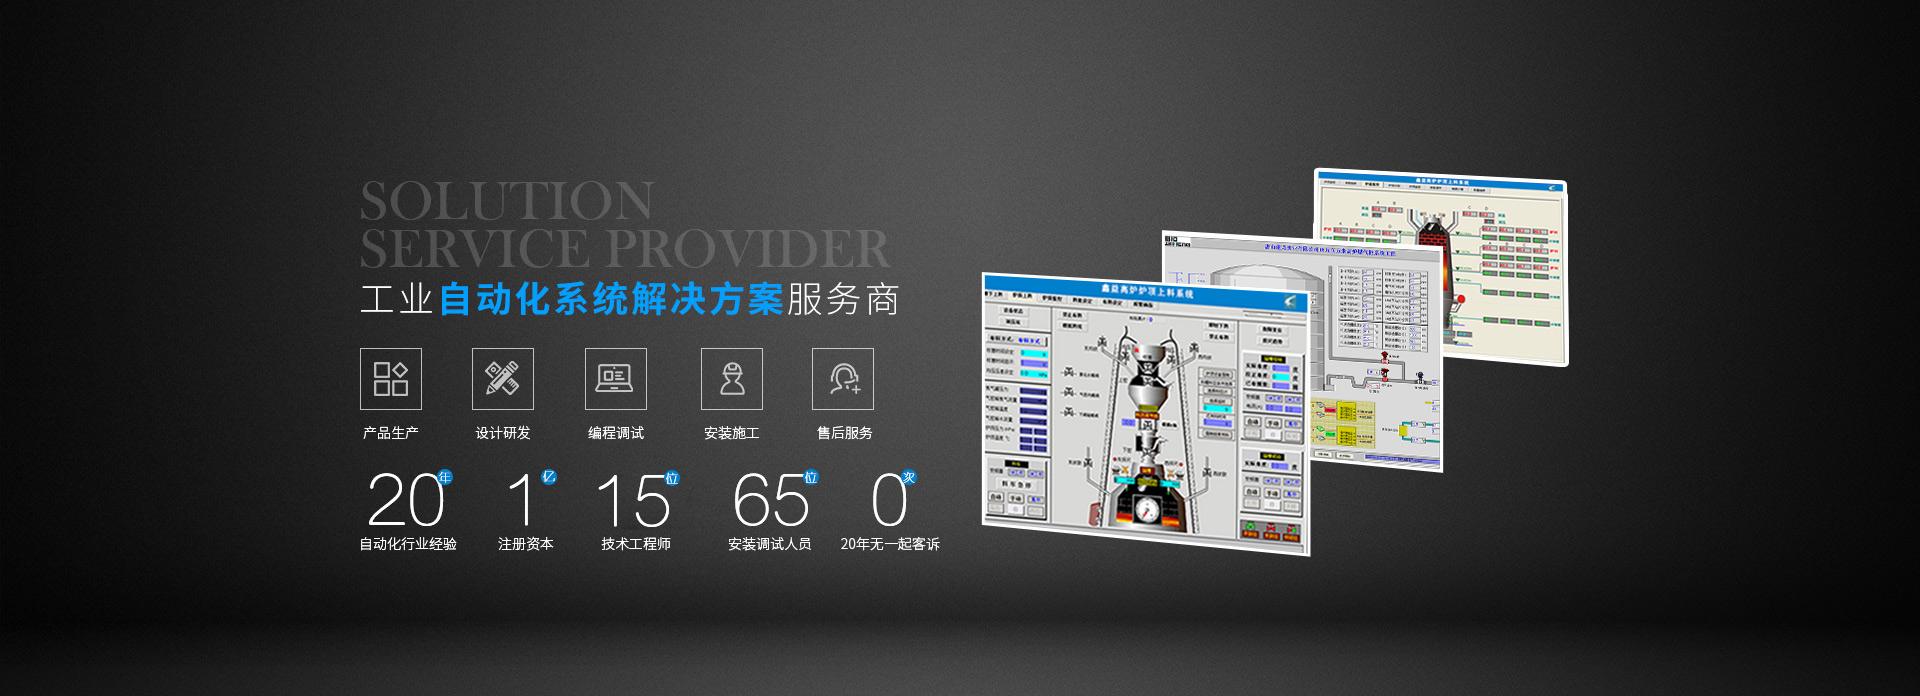 雷恒:工业自动化系统解决方案服务商